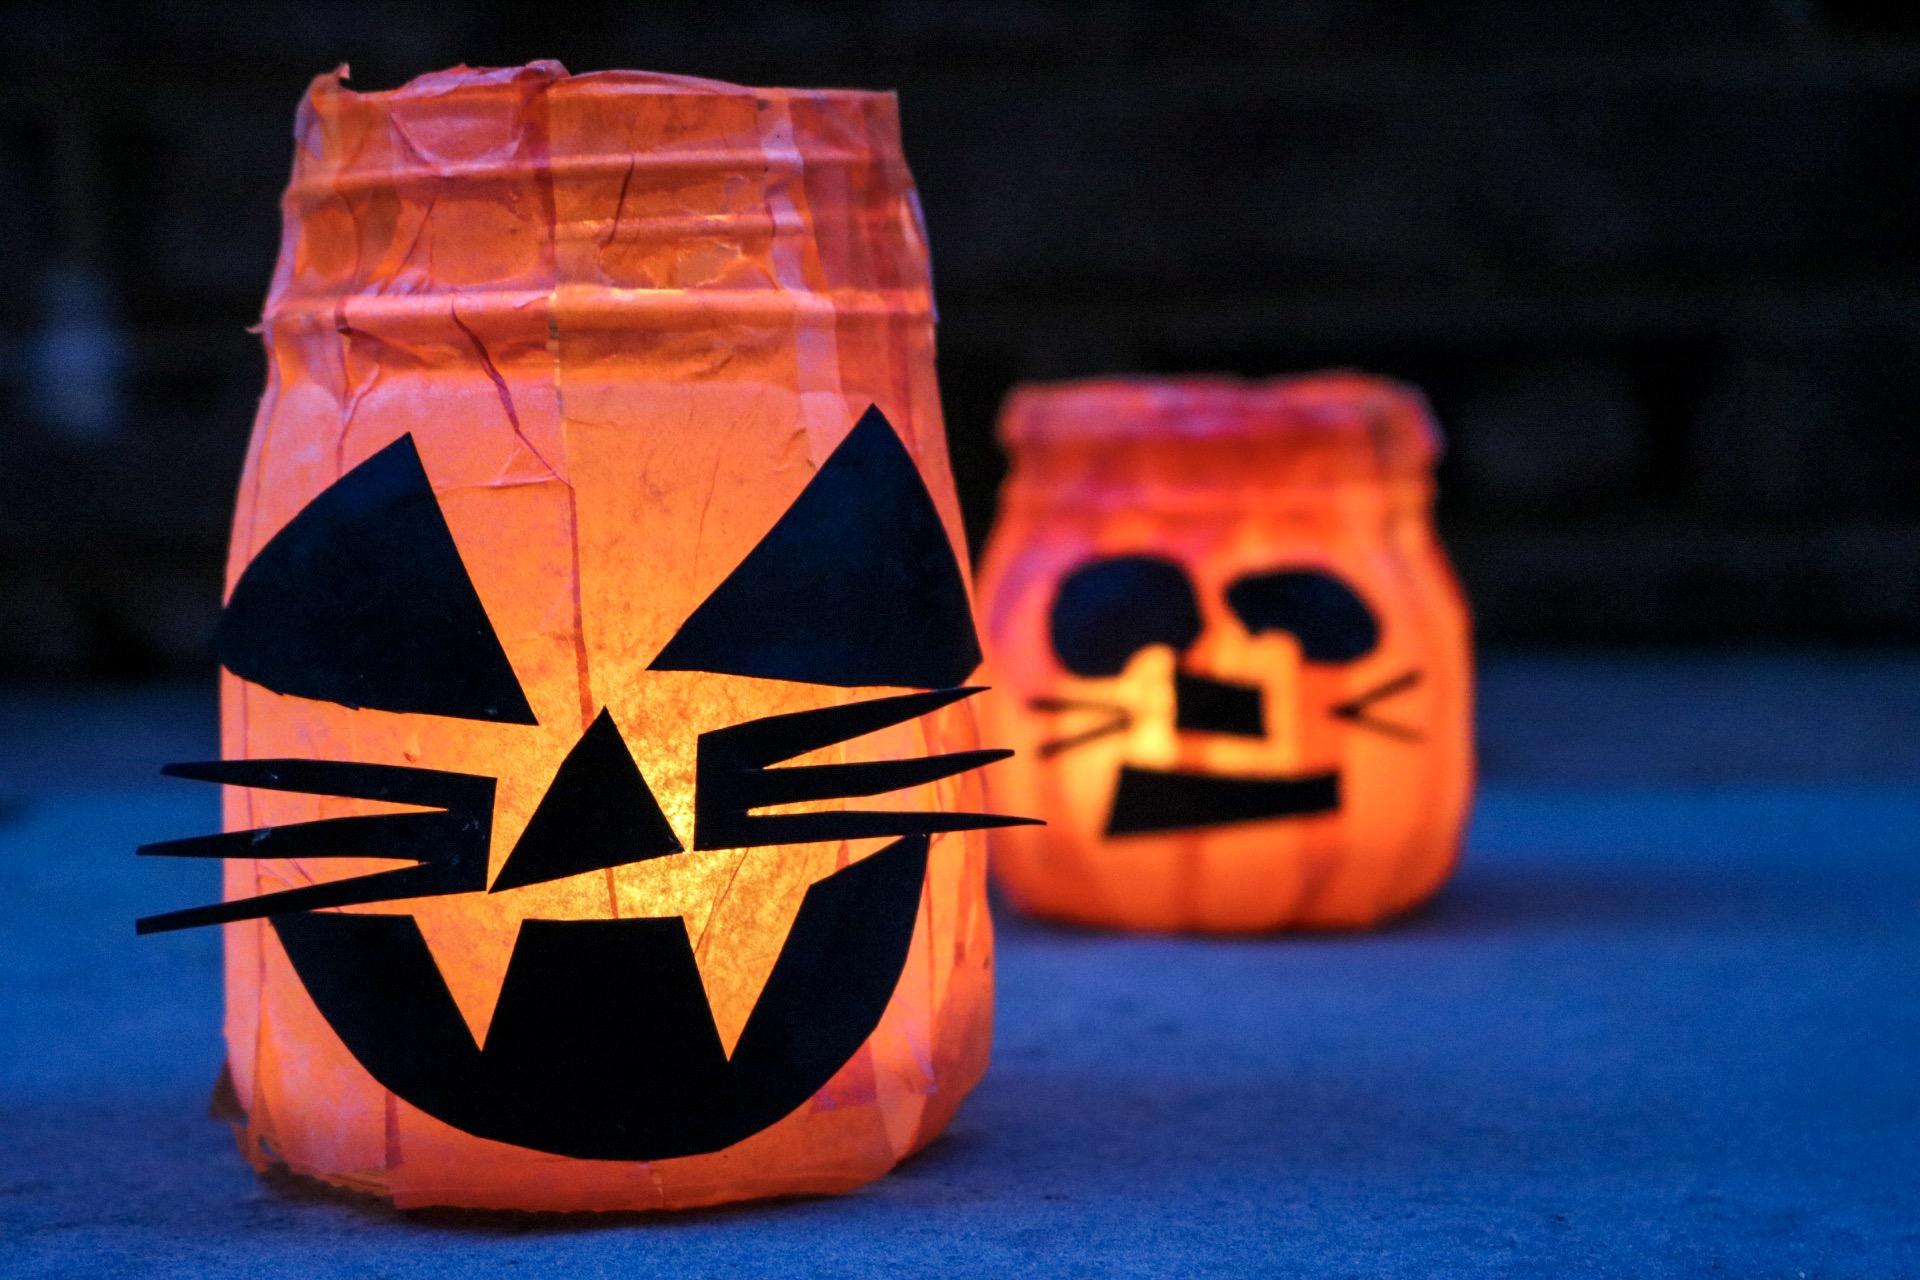 Easy DIY Halloween Luminaries  #halloweencrafts #halloweendiy #halloween #booityourself #modpodge #tissuepaper #pumpkins #nocarvepumpkins #halloweendecorations #halloweendecor #hauntedhouse #blackcat #halloweencrafting #easycrafts #easydiy #moodlighting